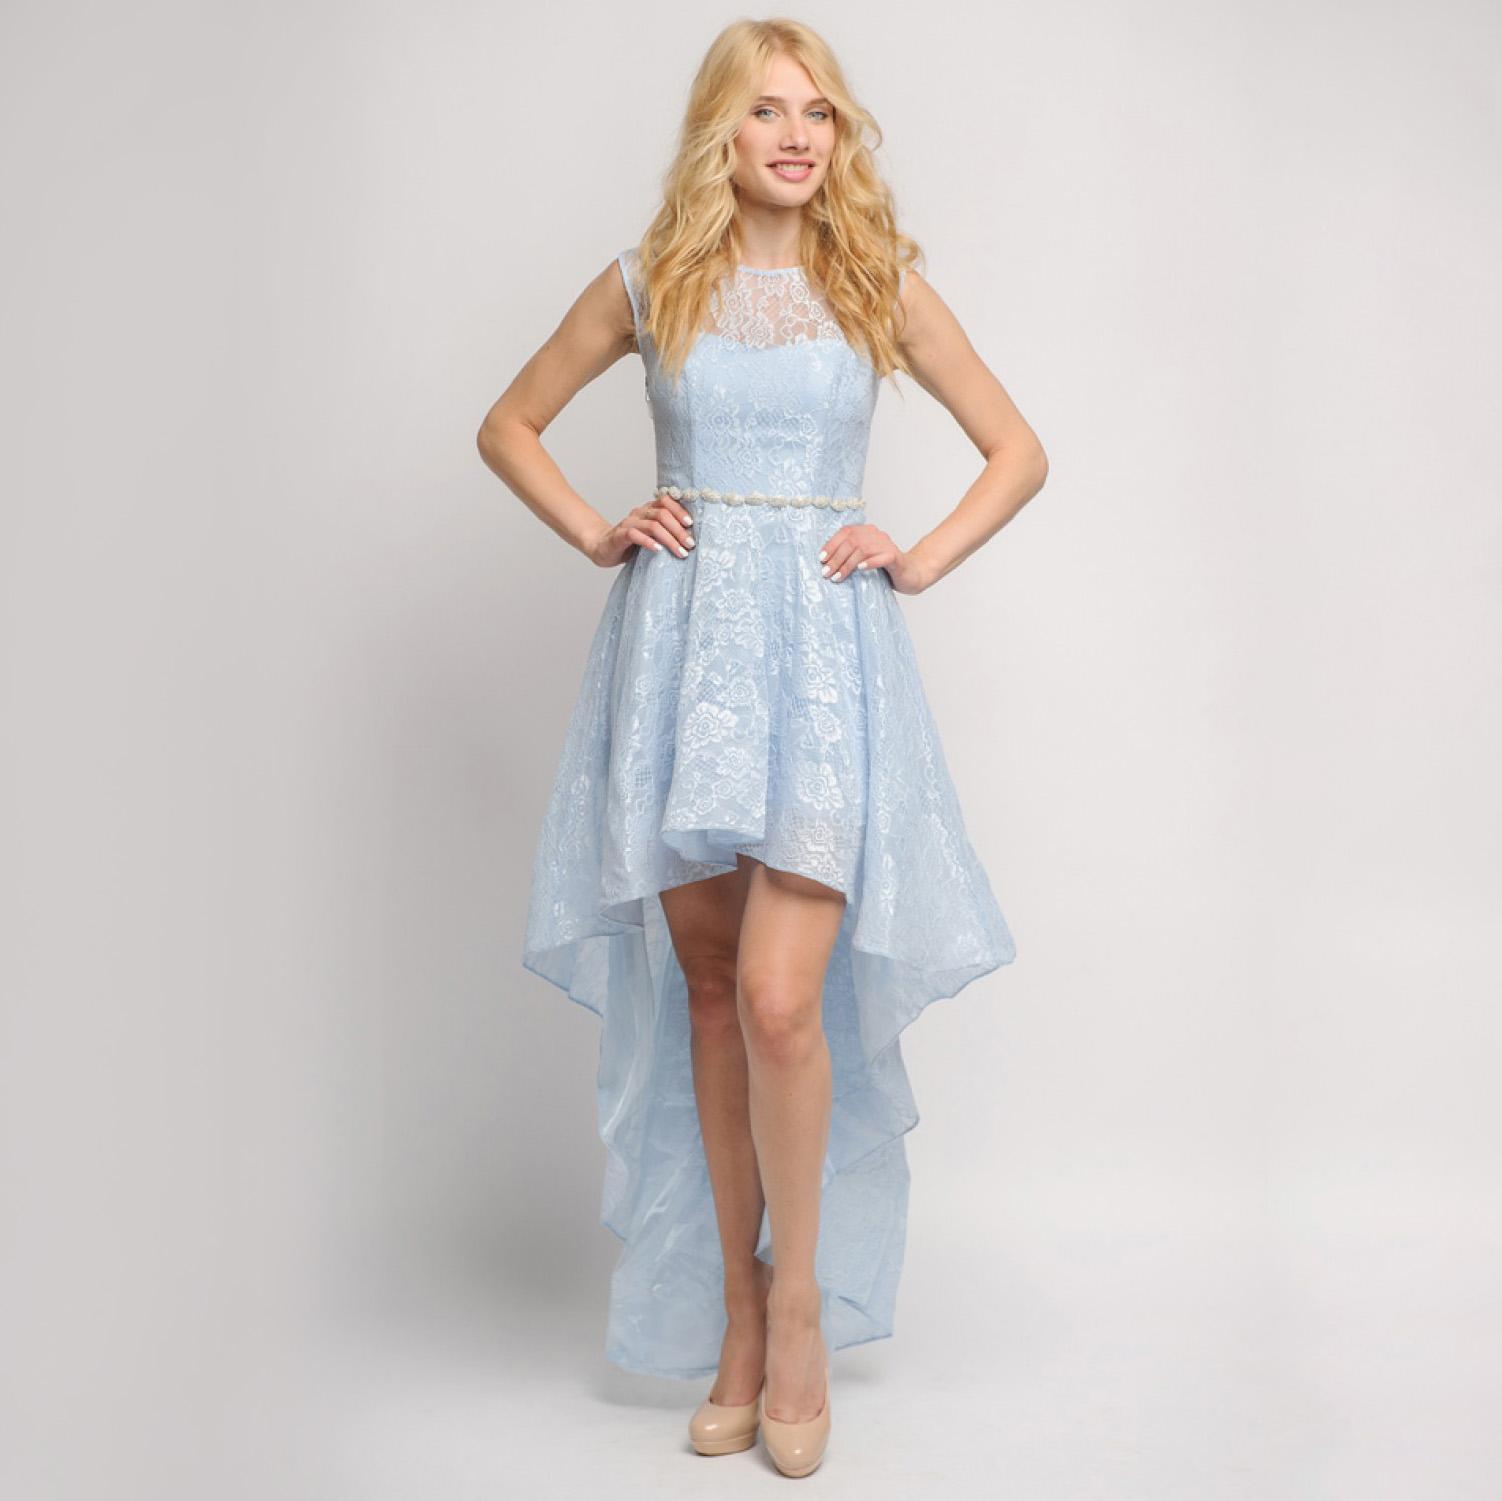 b3e162d4232e609 Свадебное платье спереди короткое, а сзади длинное